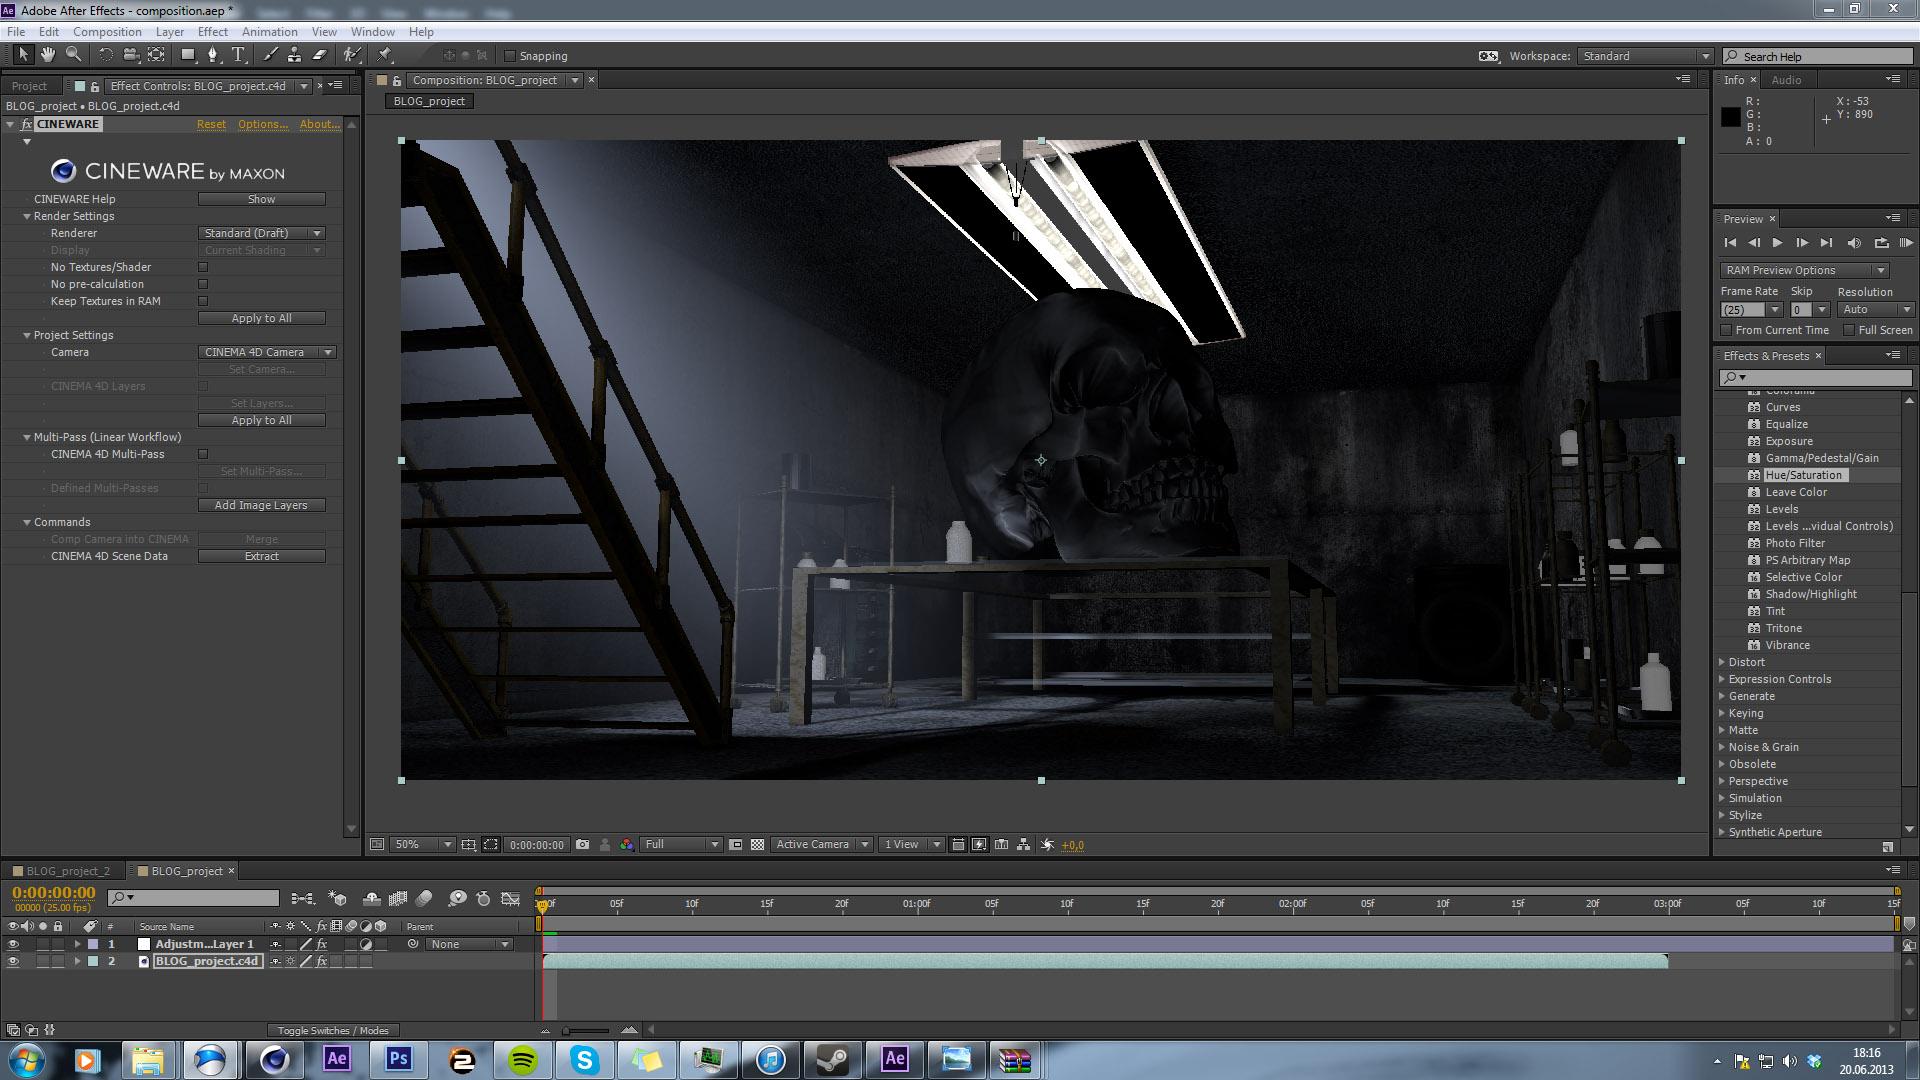 Cinema 4D Lite & After Effects CC - CINEWARE im Praxistest | 3D News